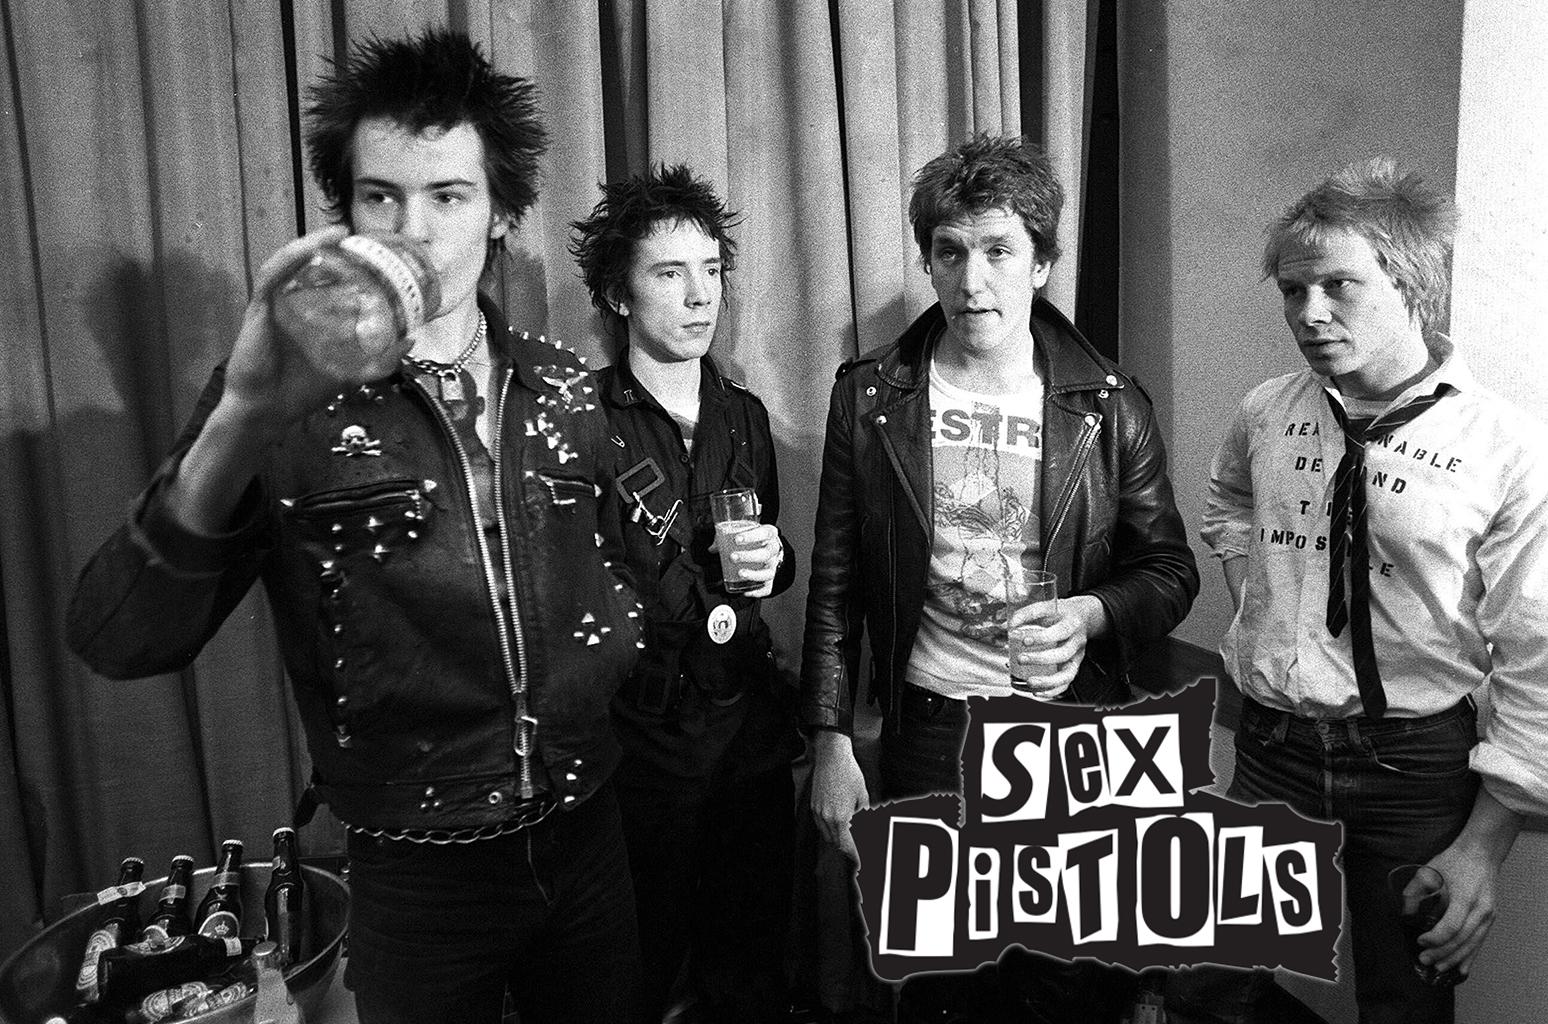 El punk a la moda: Se vienen unas botas inspiradas en los Sex Pistols - Radio Cantilo